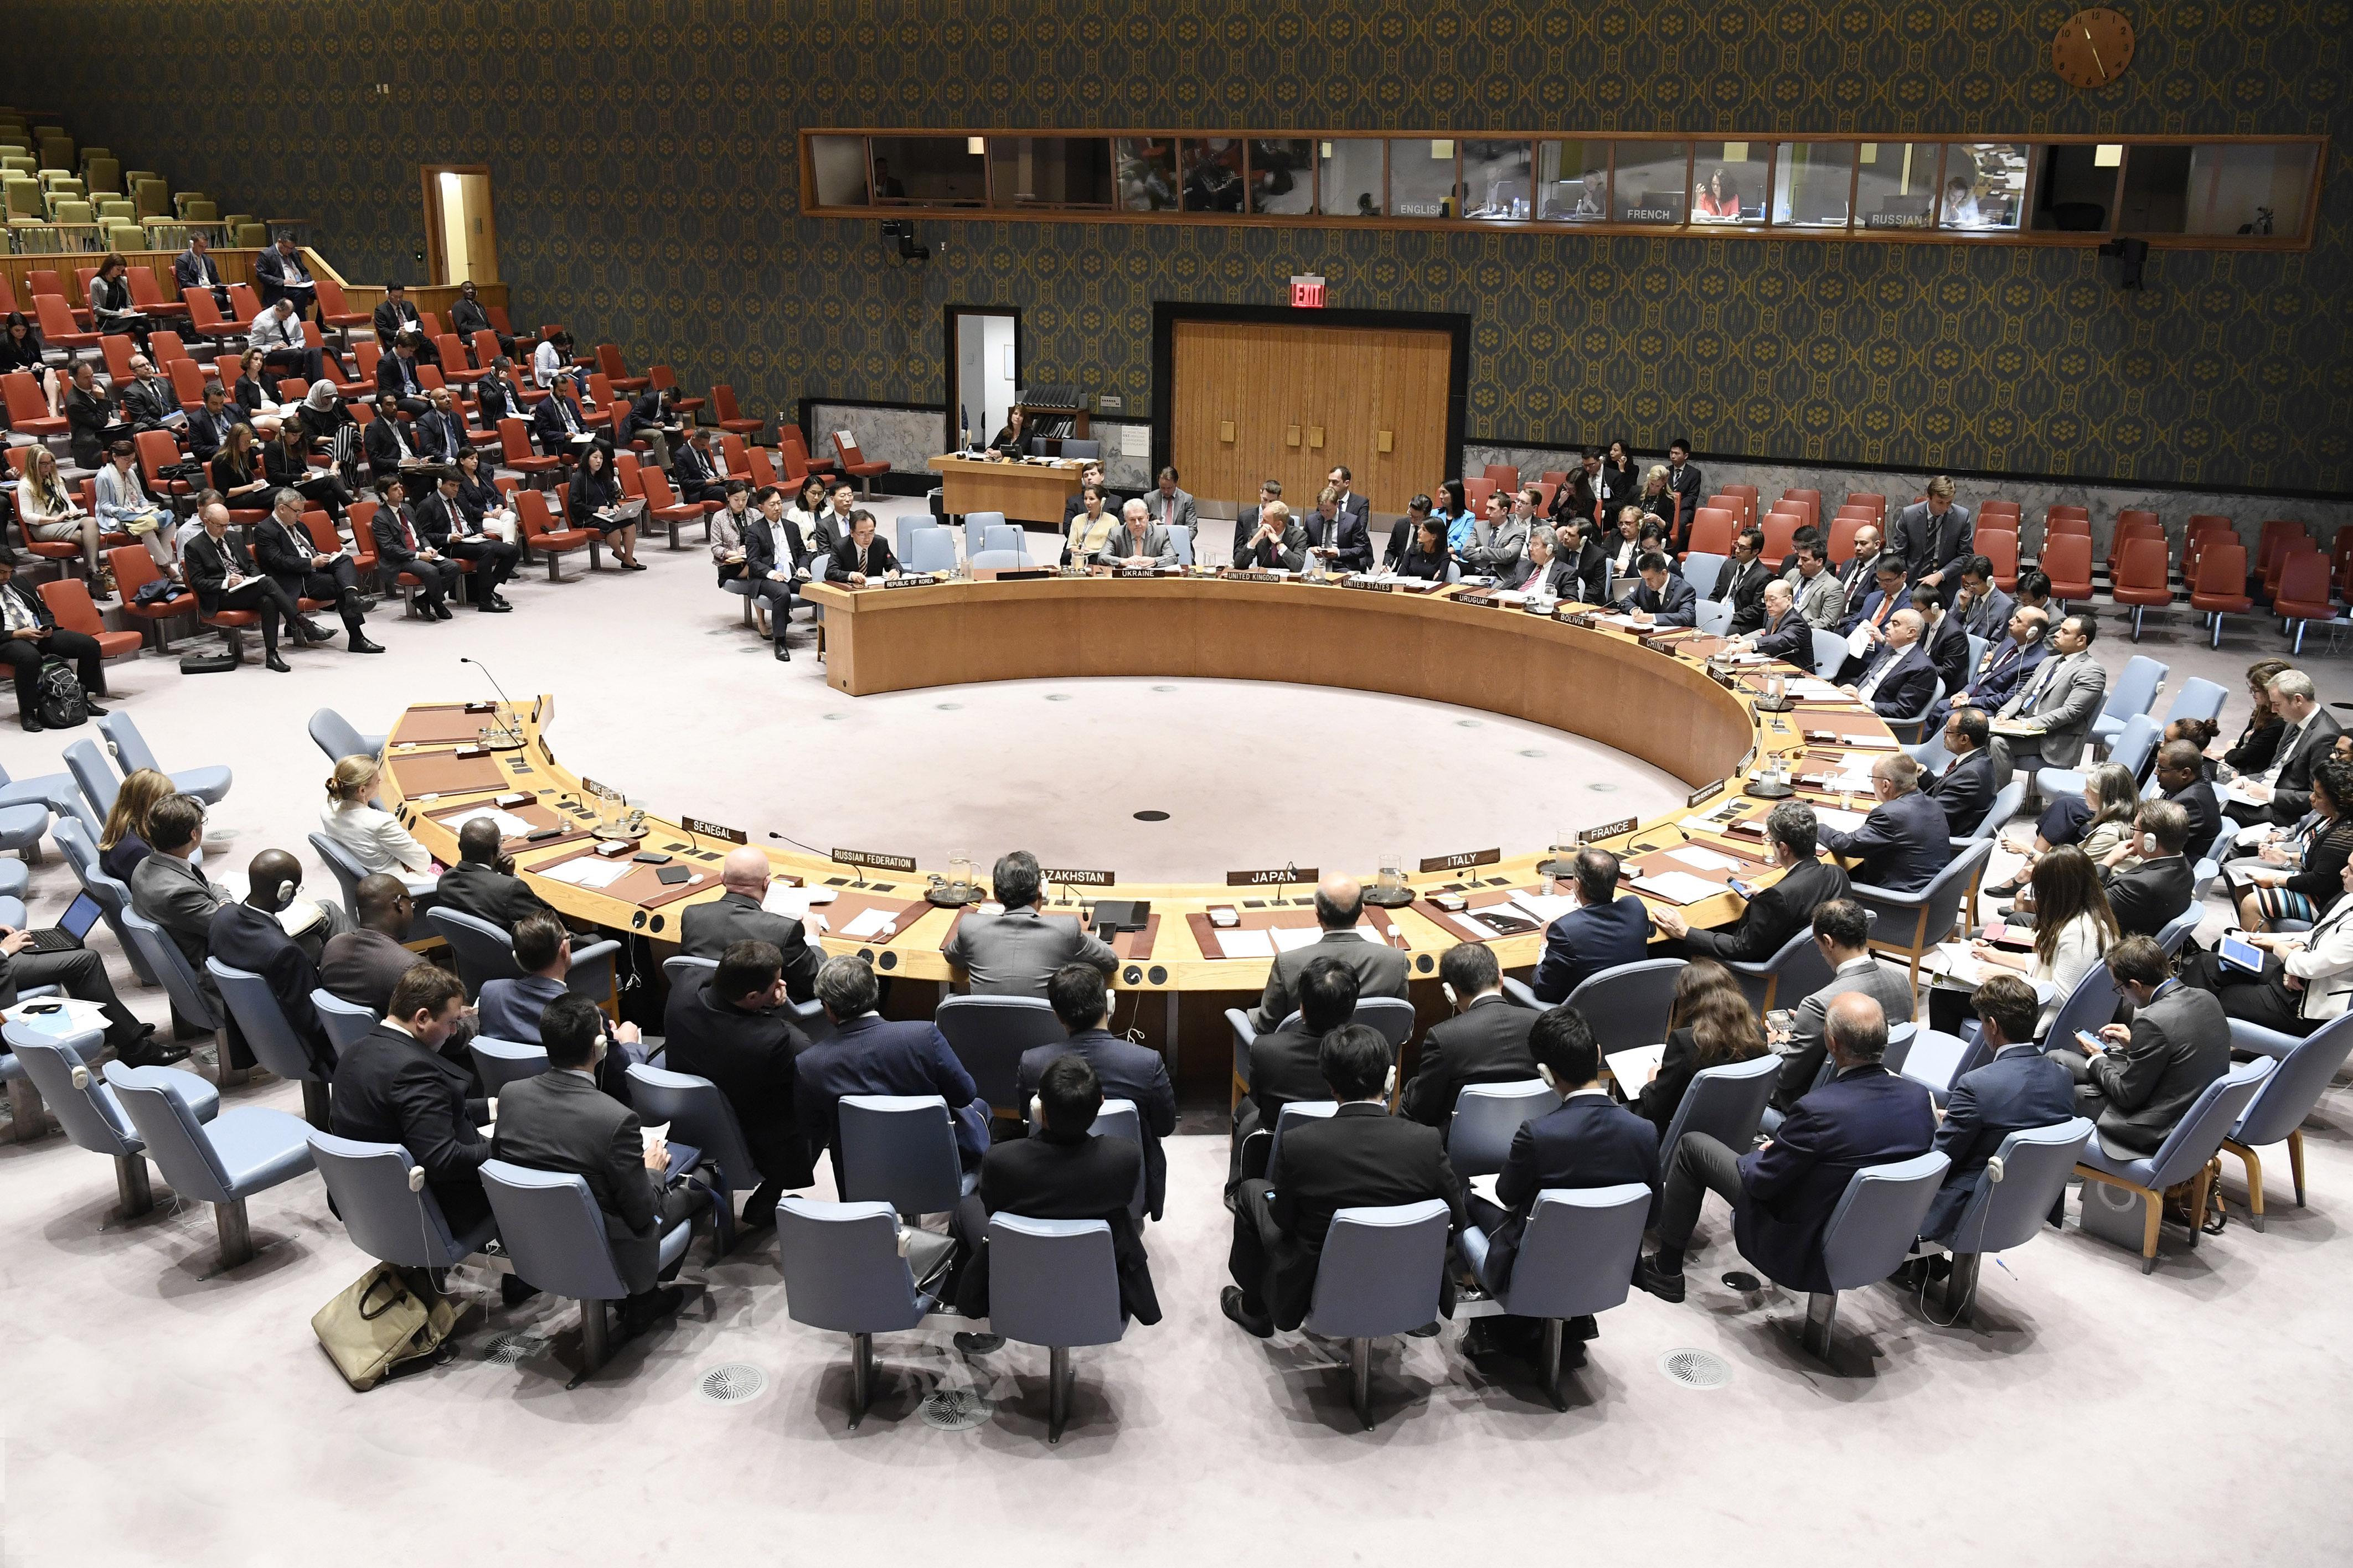 Consiliul de Securitate ONU a impus noi sancţiuni Coreei de Nord după cel mai recent test balistic efectuat de Phenian